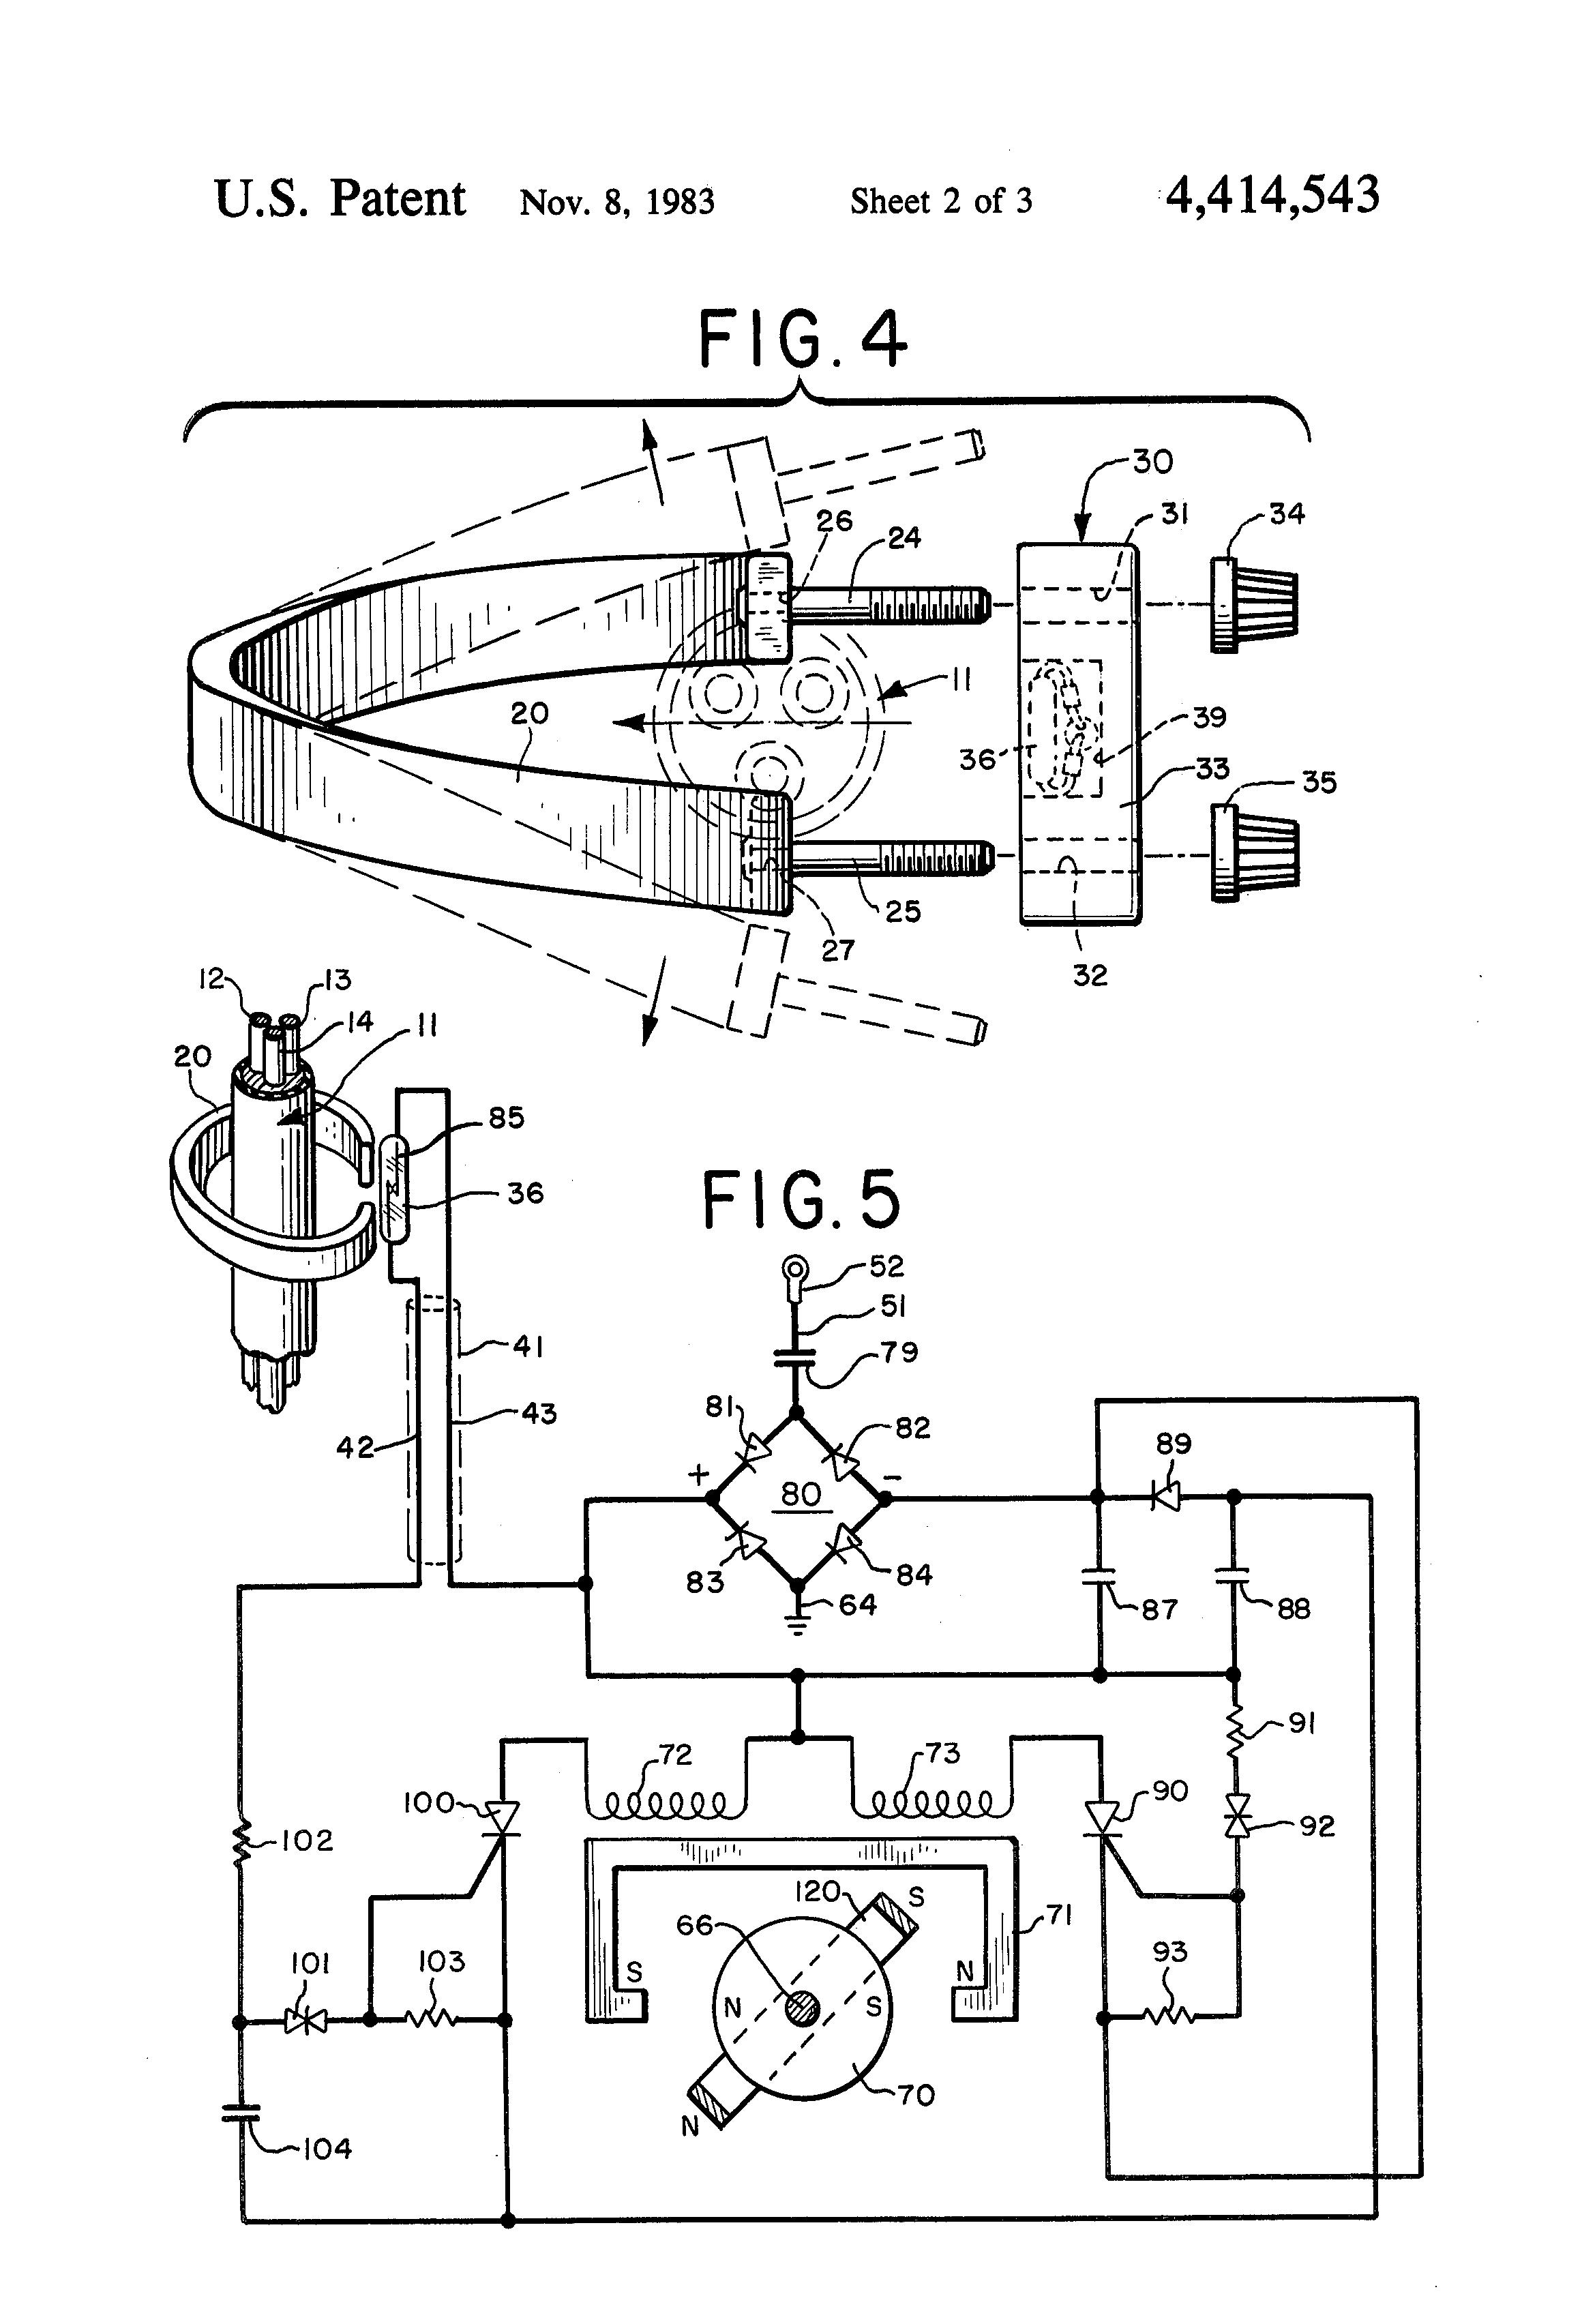 ground fault interrupter wiring diagram ground fault indicator wiring diagram #10